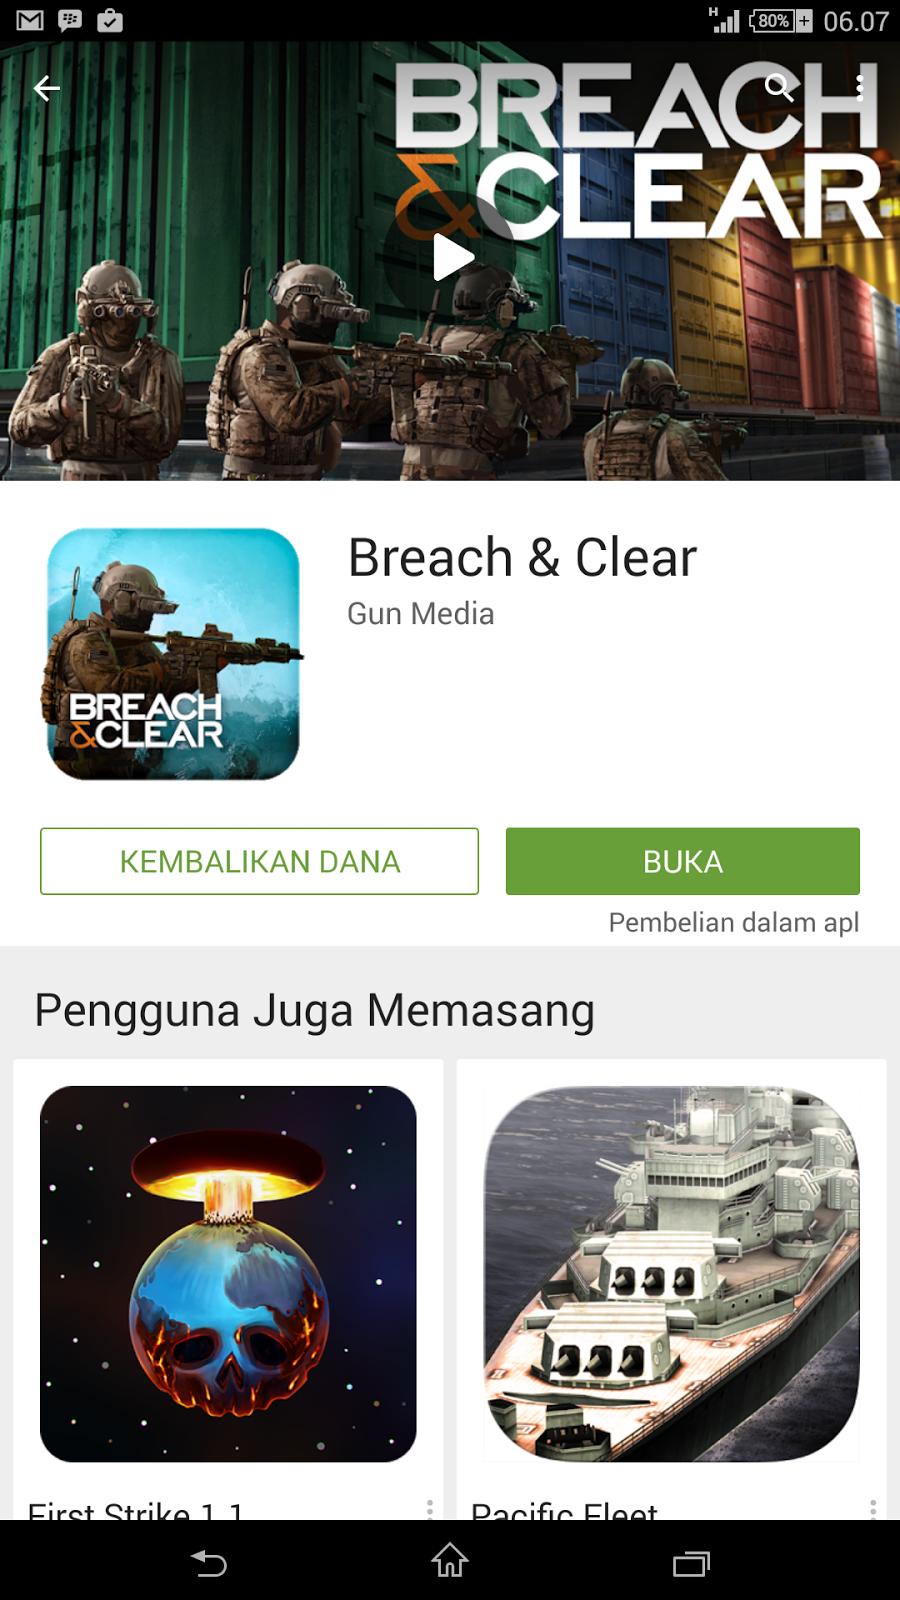 membeli aplikasi di playstore android